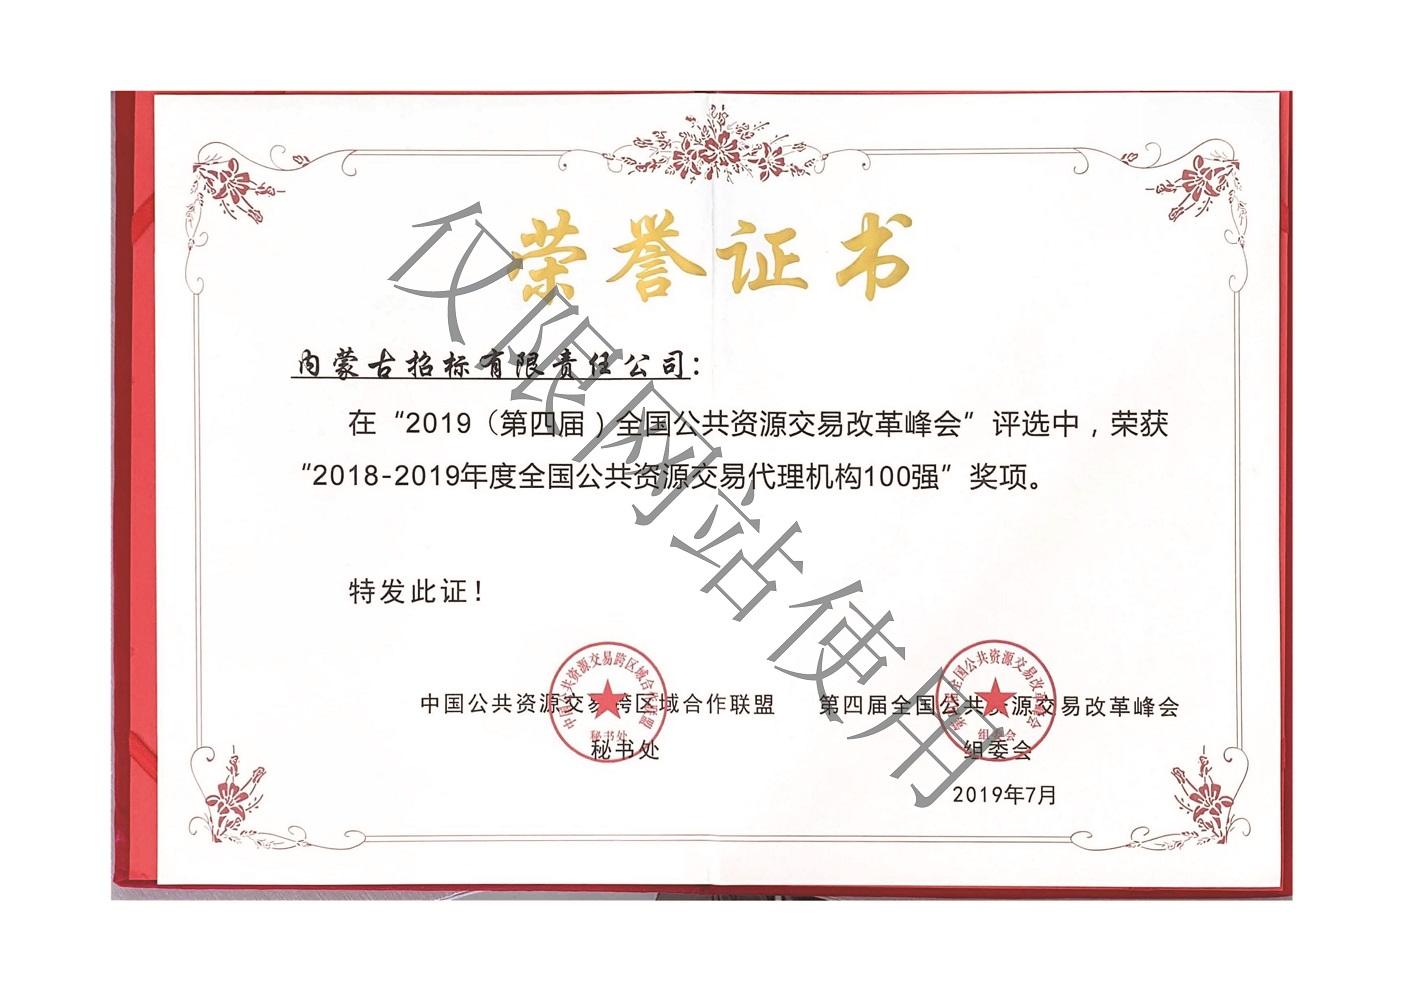 2018-2019年全国公共资源交易代理机构100强副本